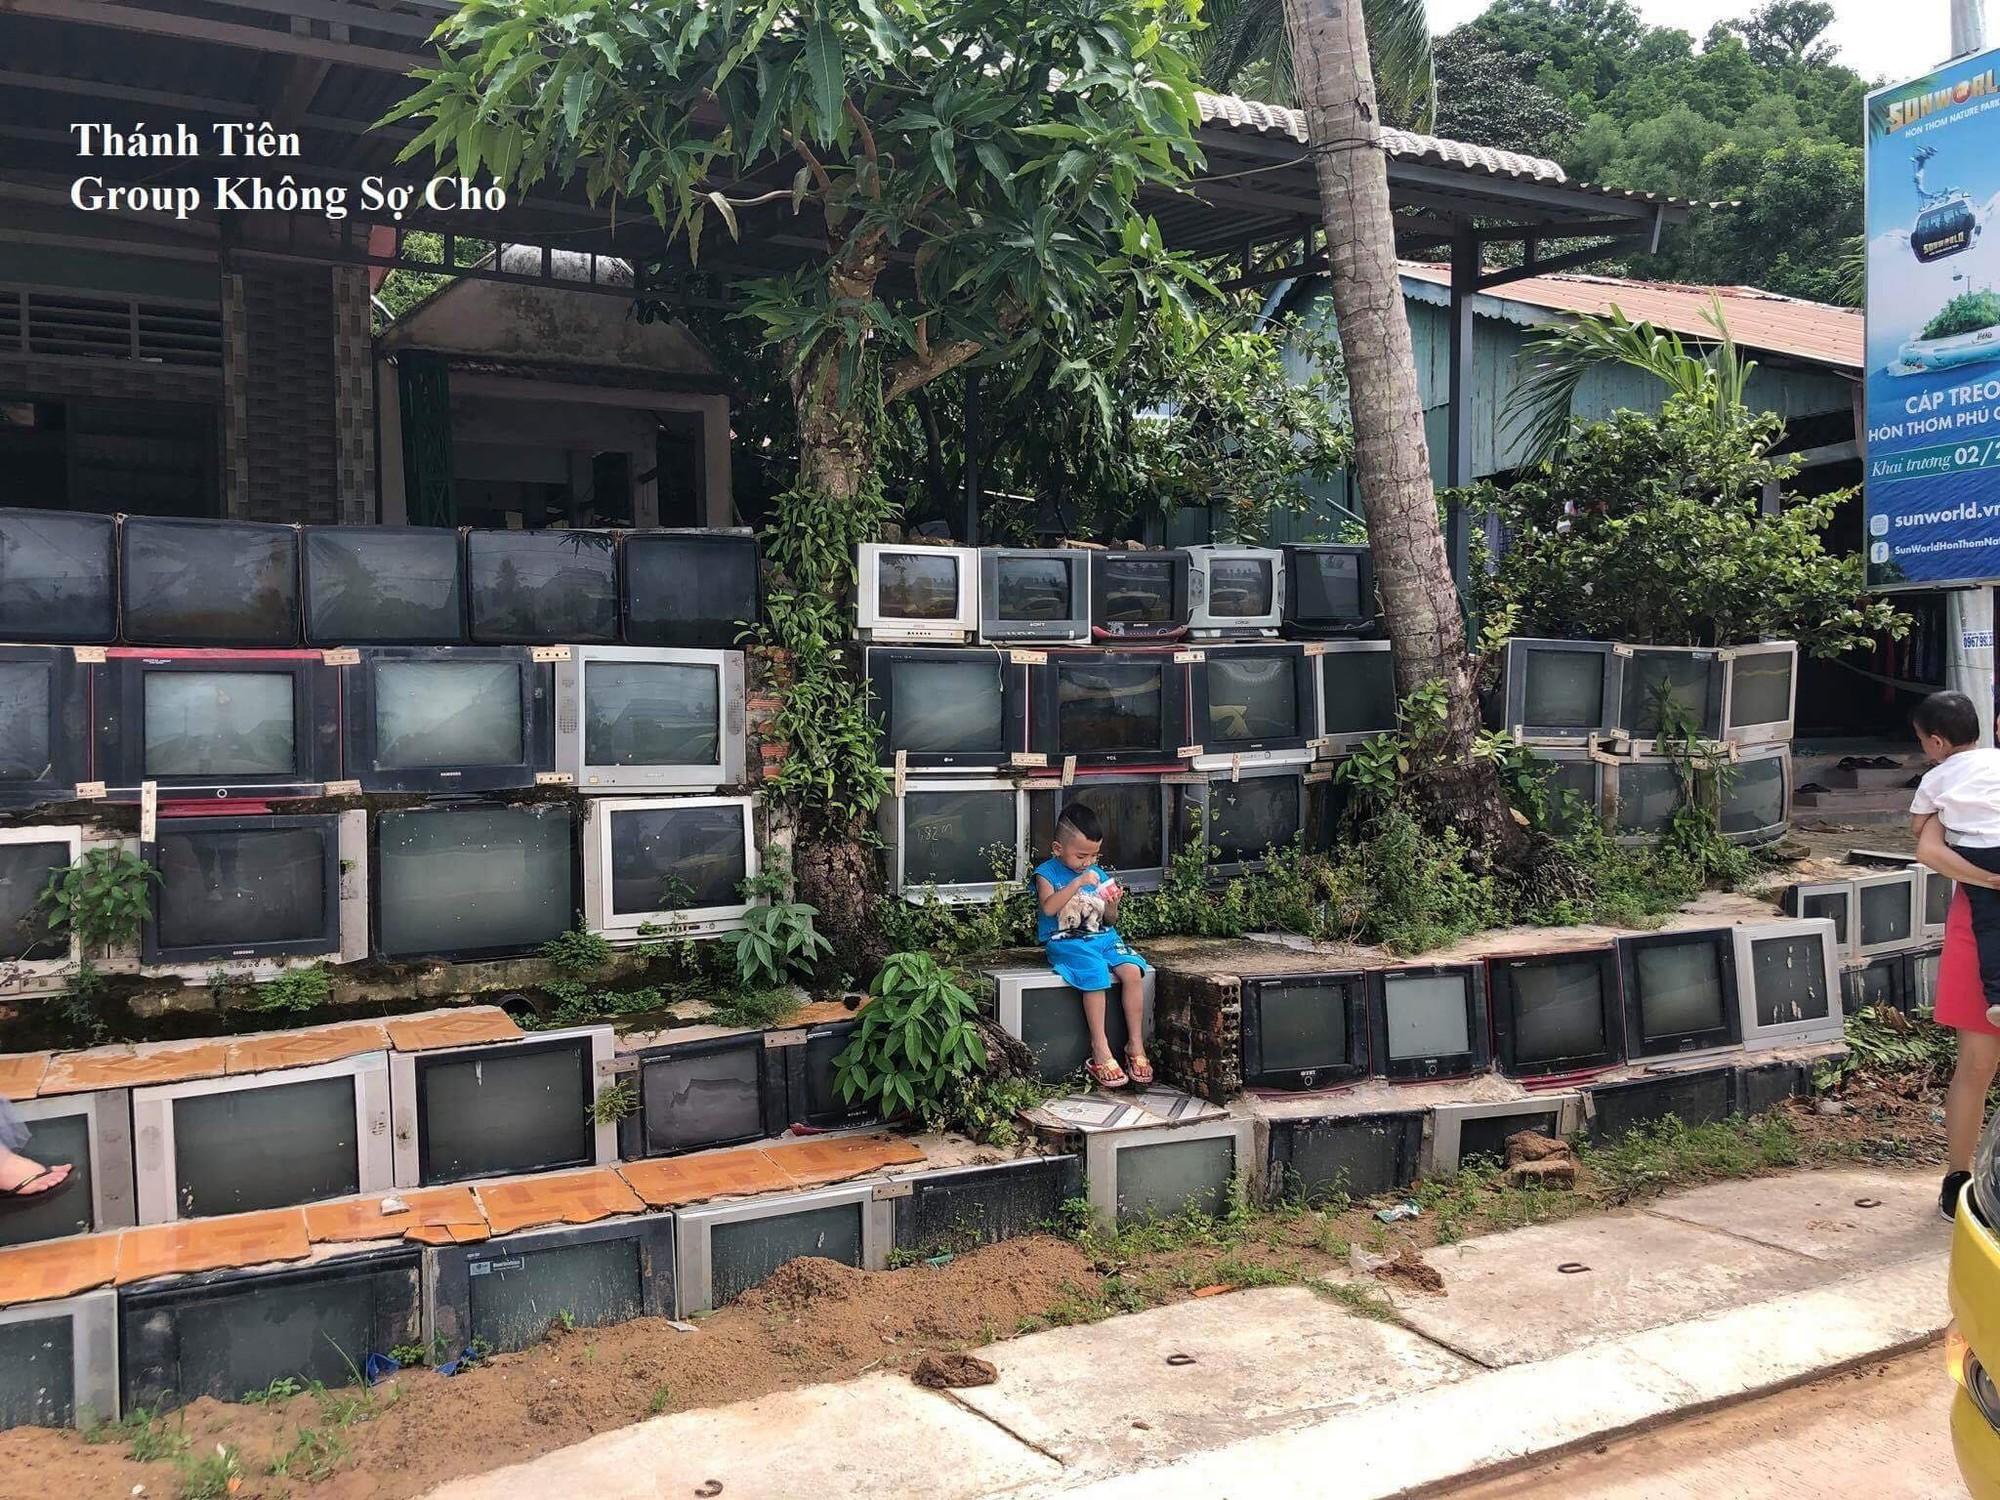 Báo nước ngoài đưa tin khen ngợi sự độc đáo của căn nhà có tường rào làm từ tivi tại Việt Nam 2